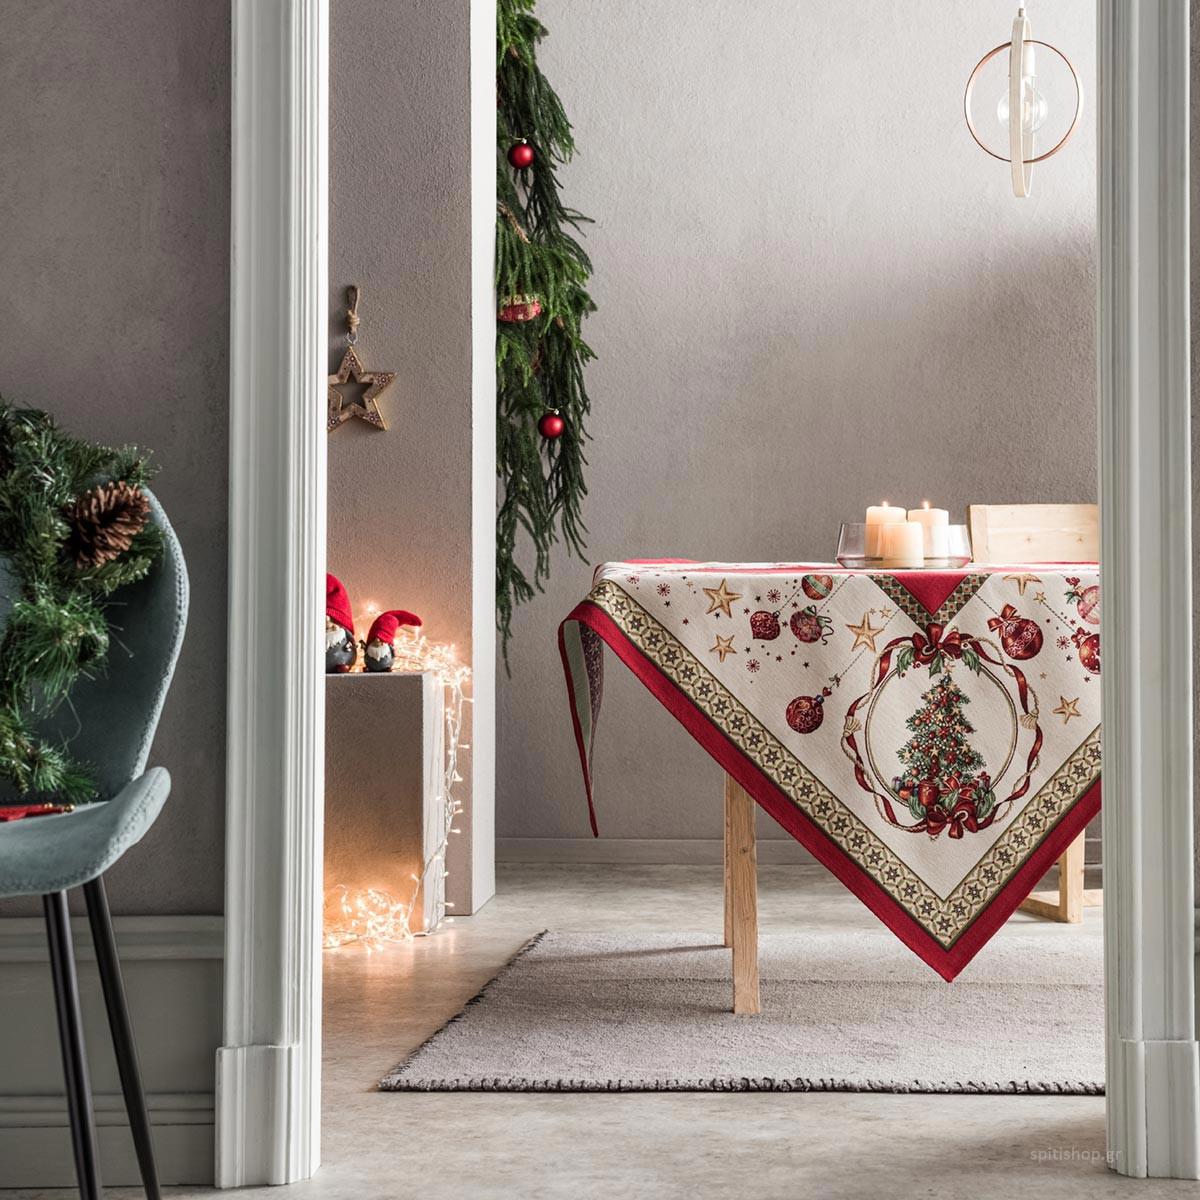 Χριστουγεννιάτικο Τραπεζομάντηλο (135×180) Gofis Home 693